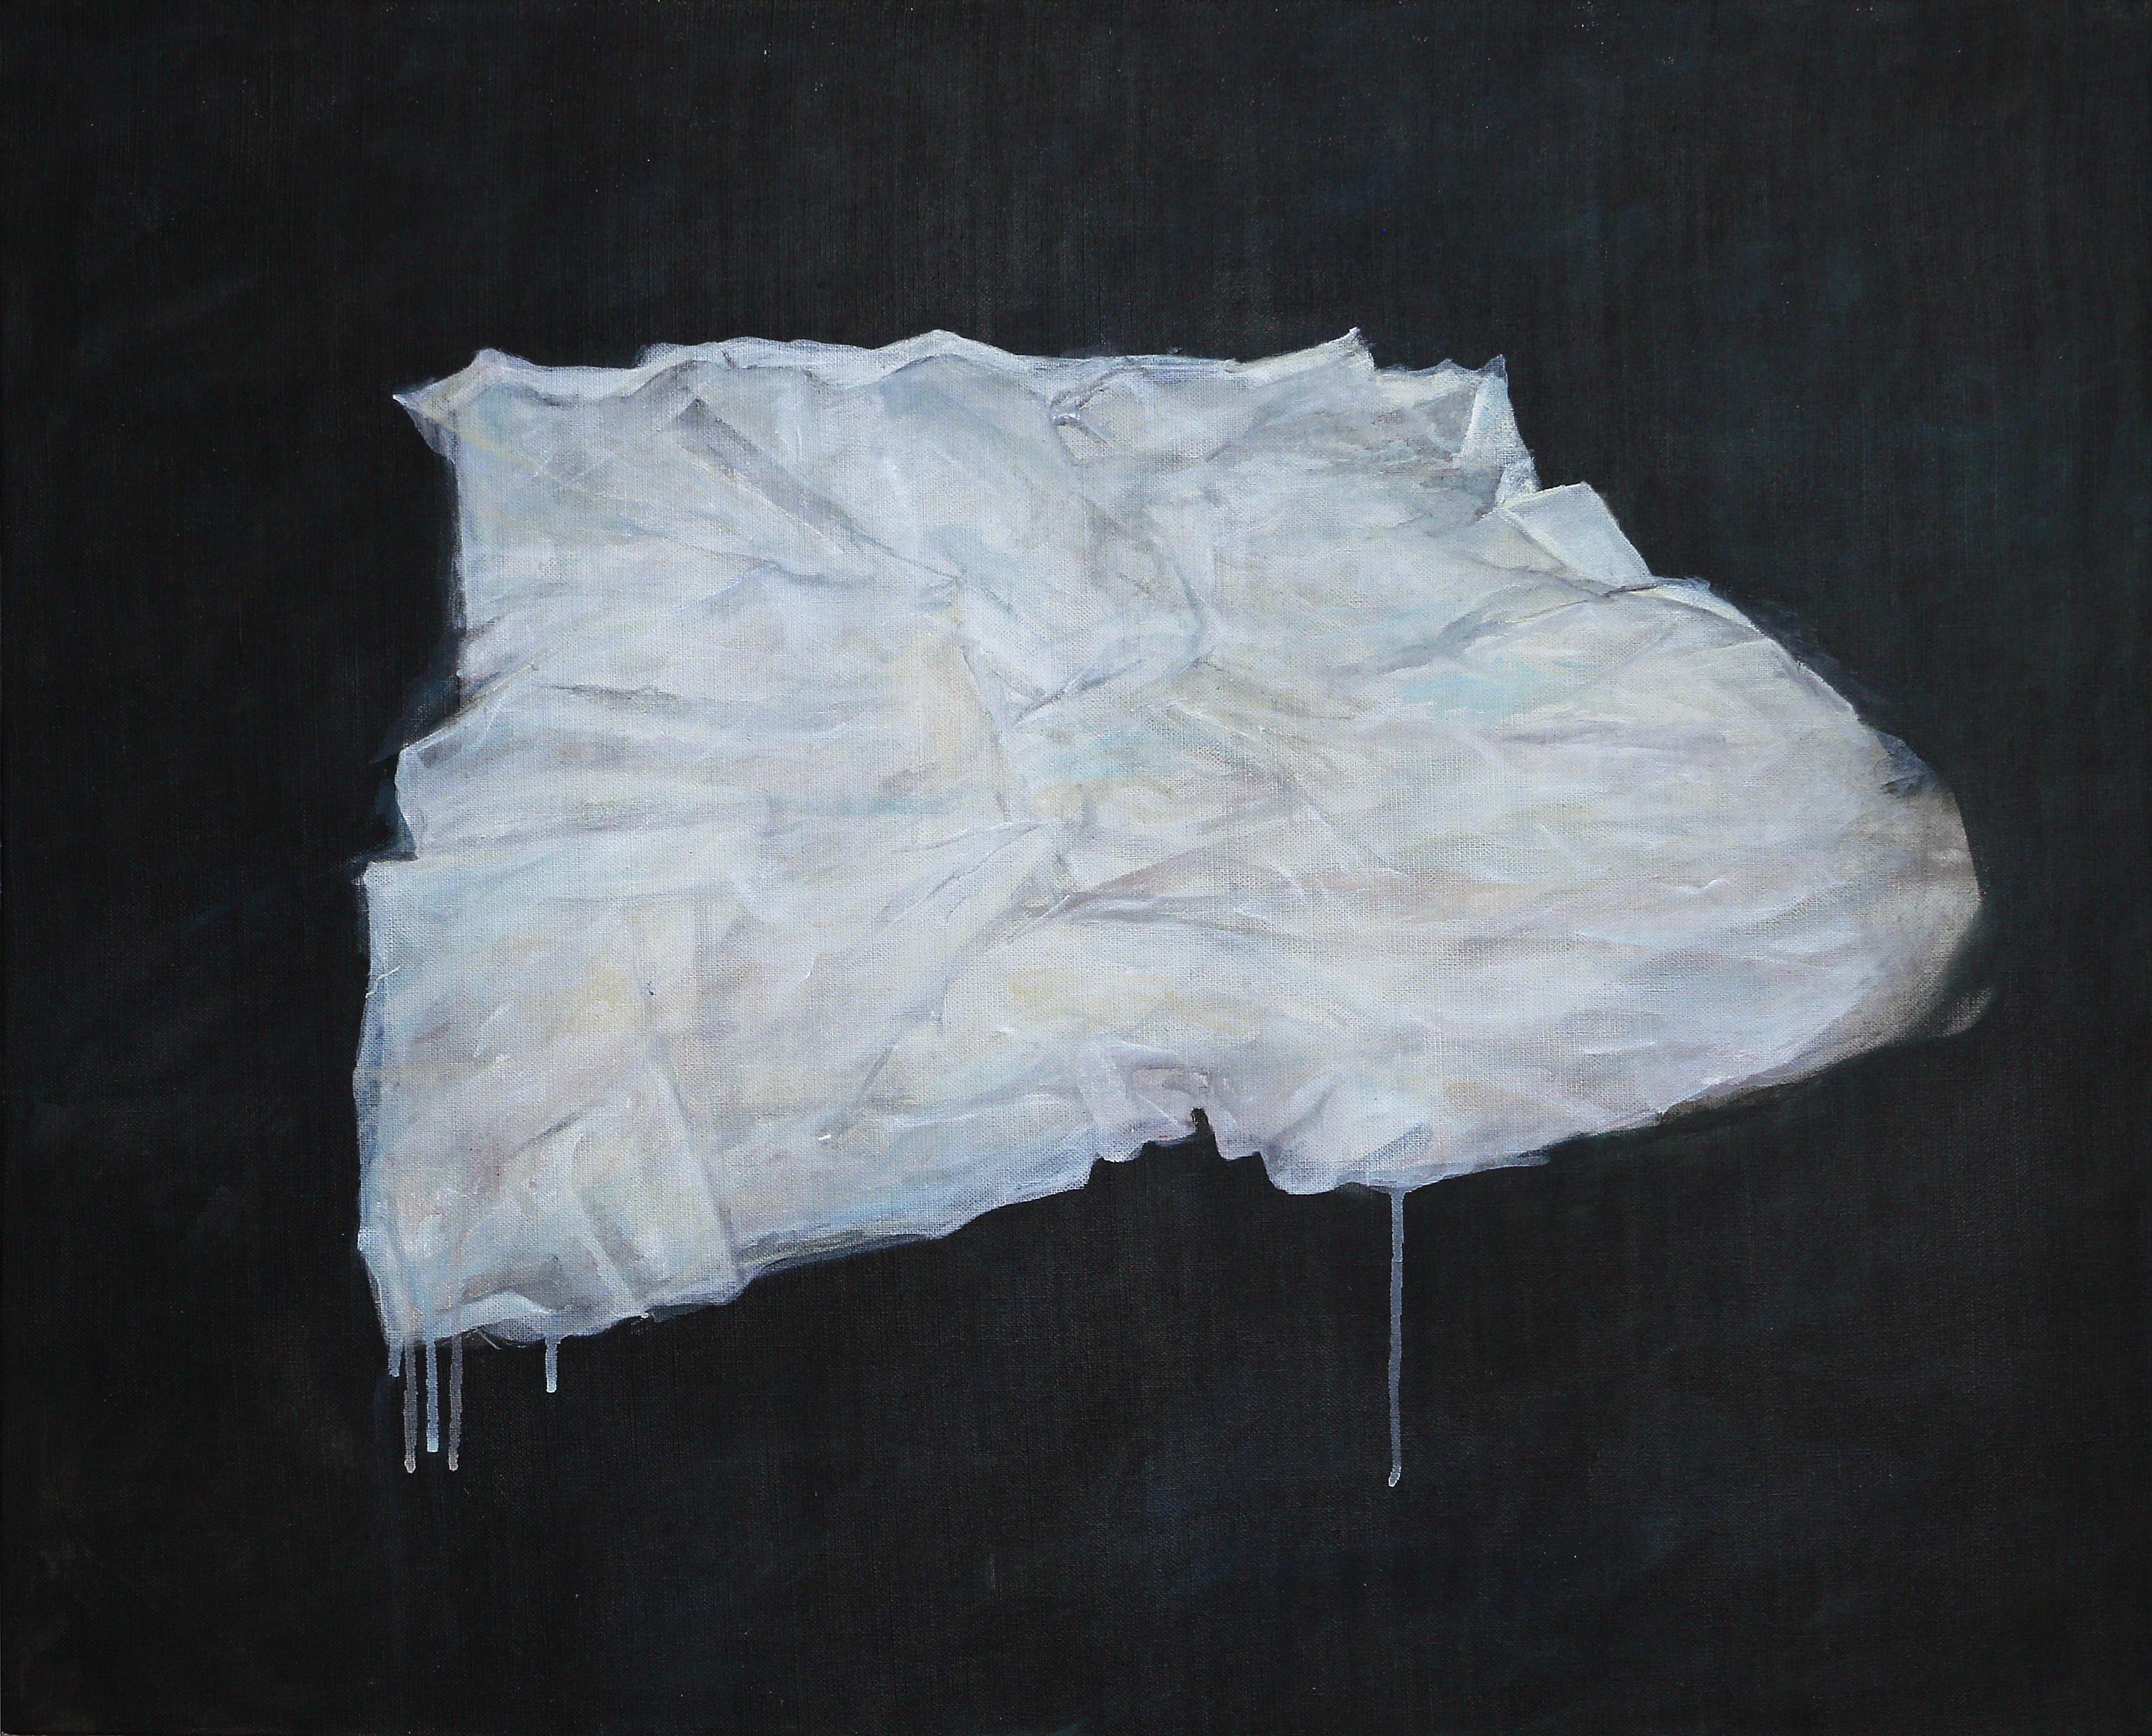 LINGE BLANC, 2018, acrylique sur toile, 65 x 81 cm